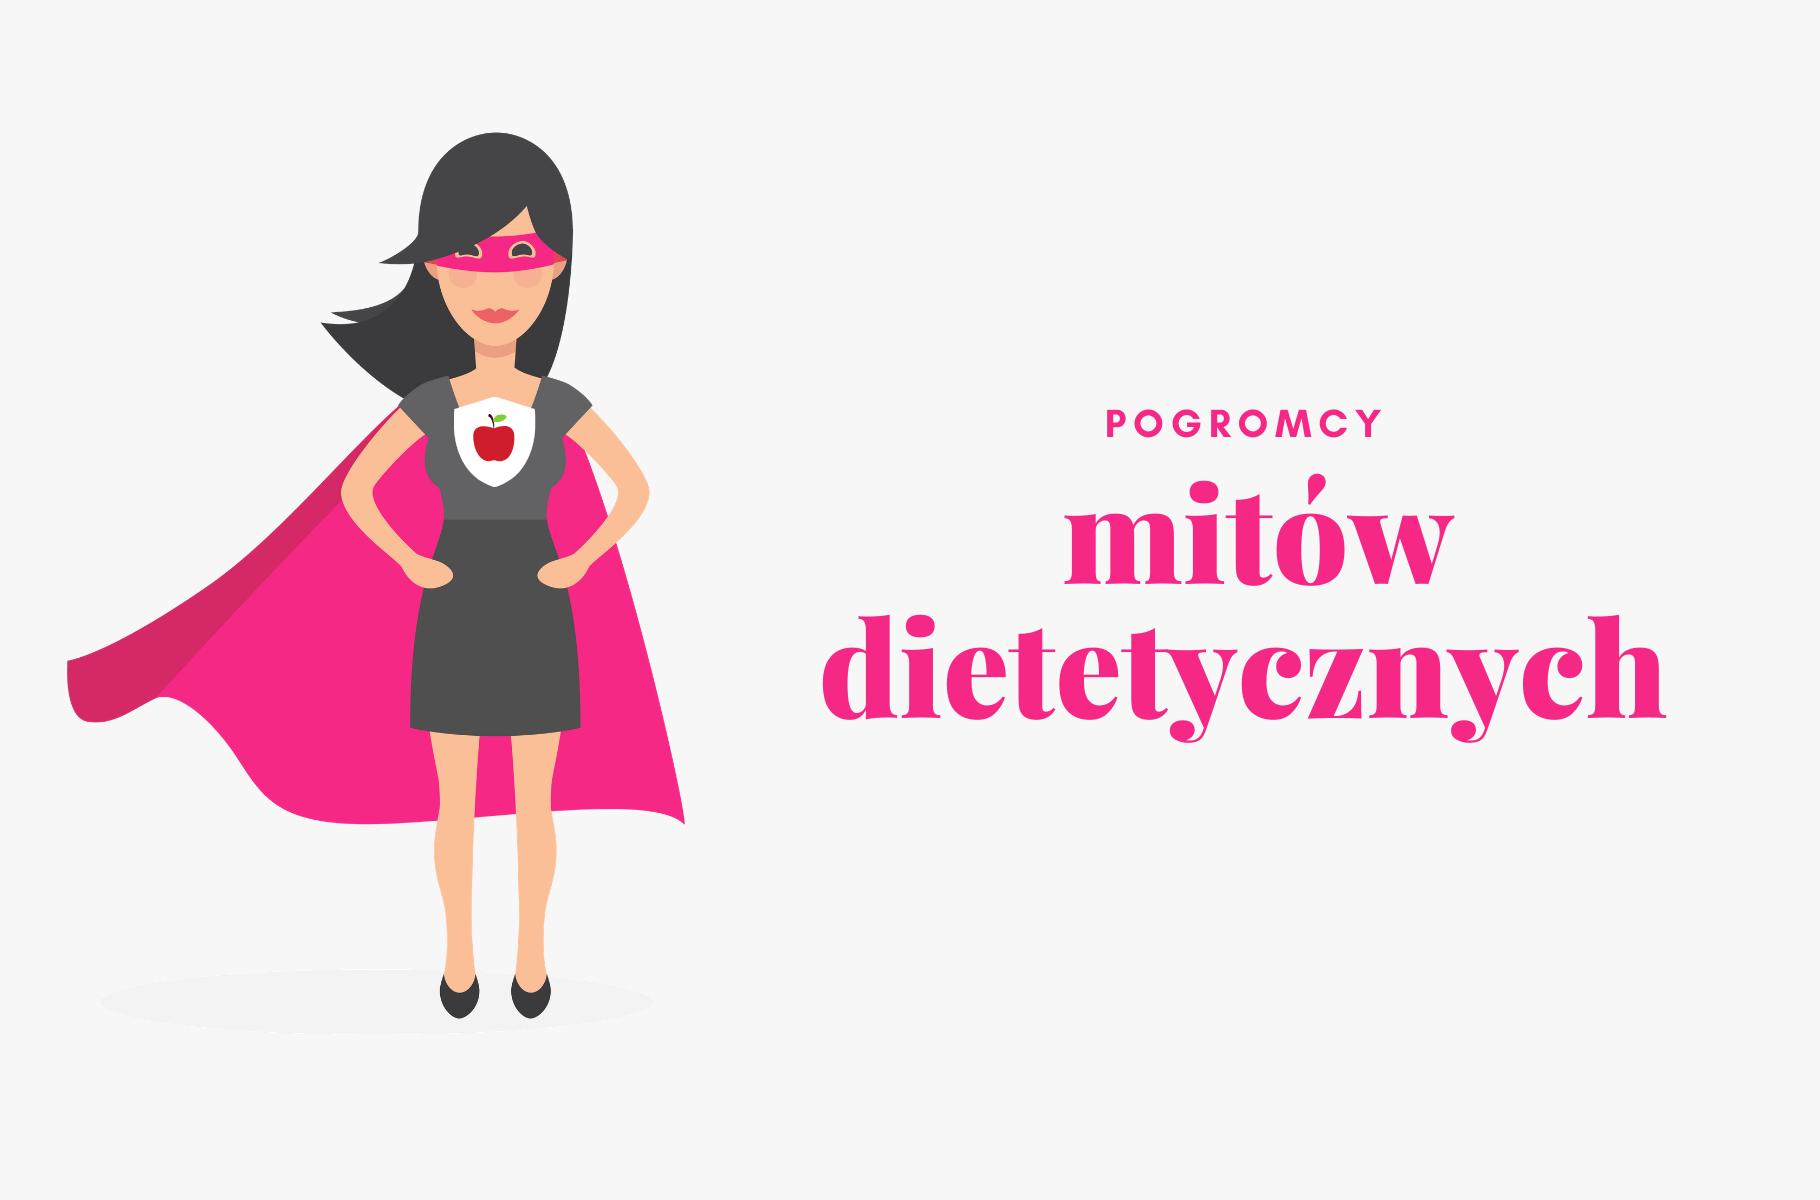 mity dietetyczne